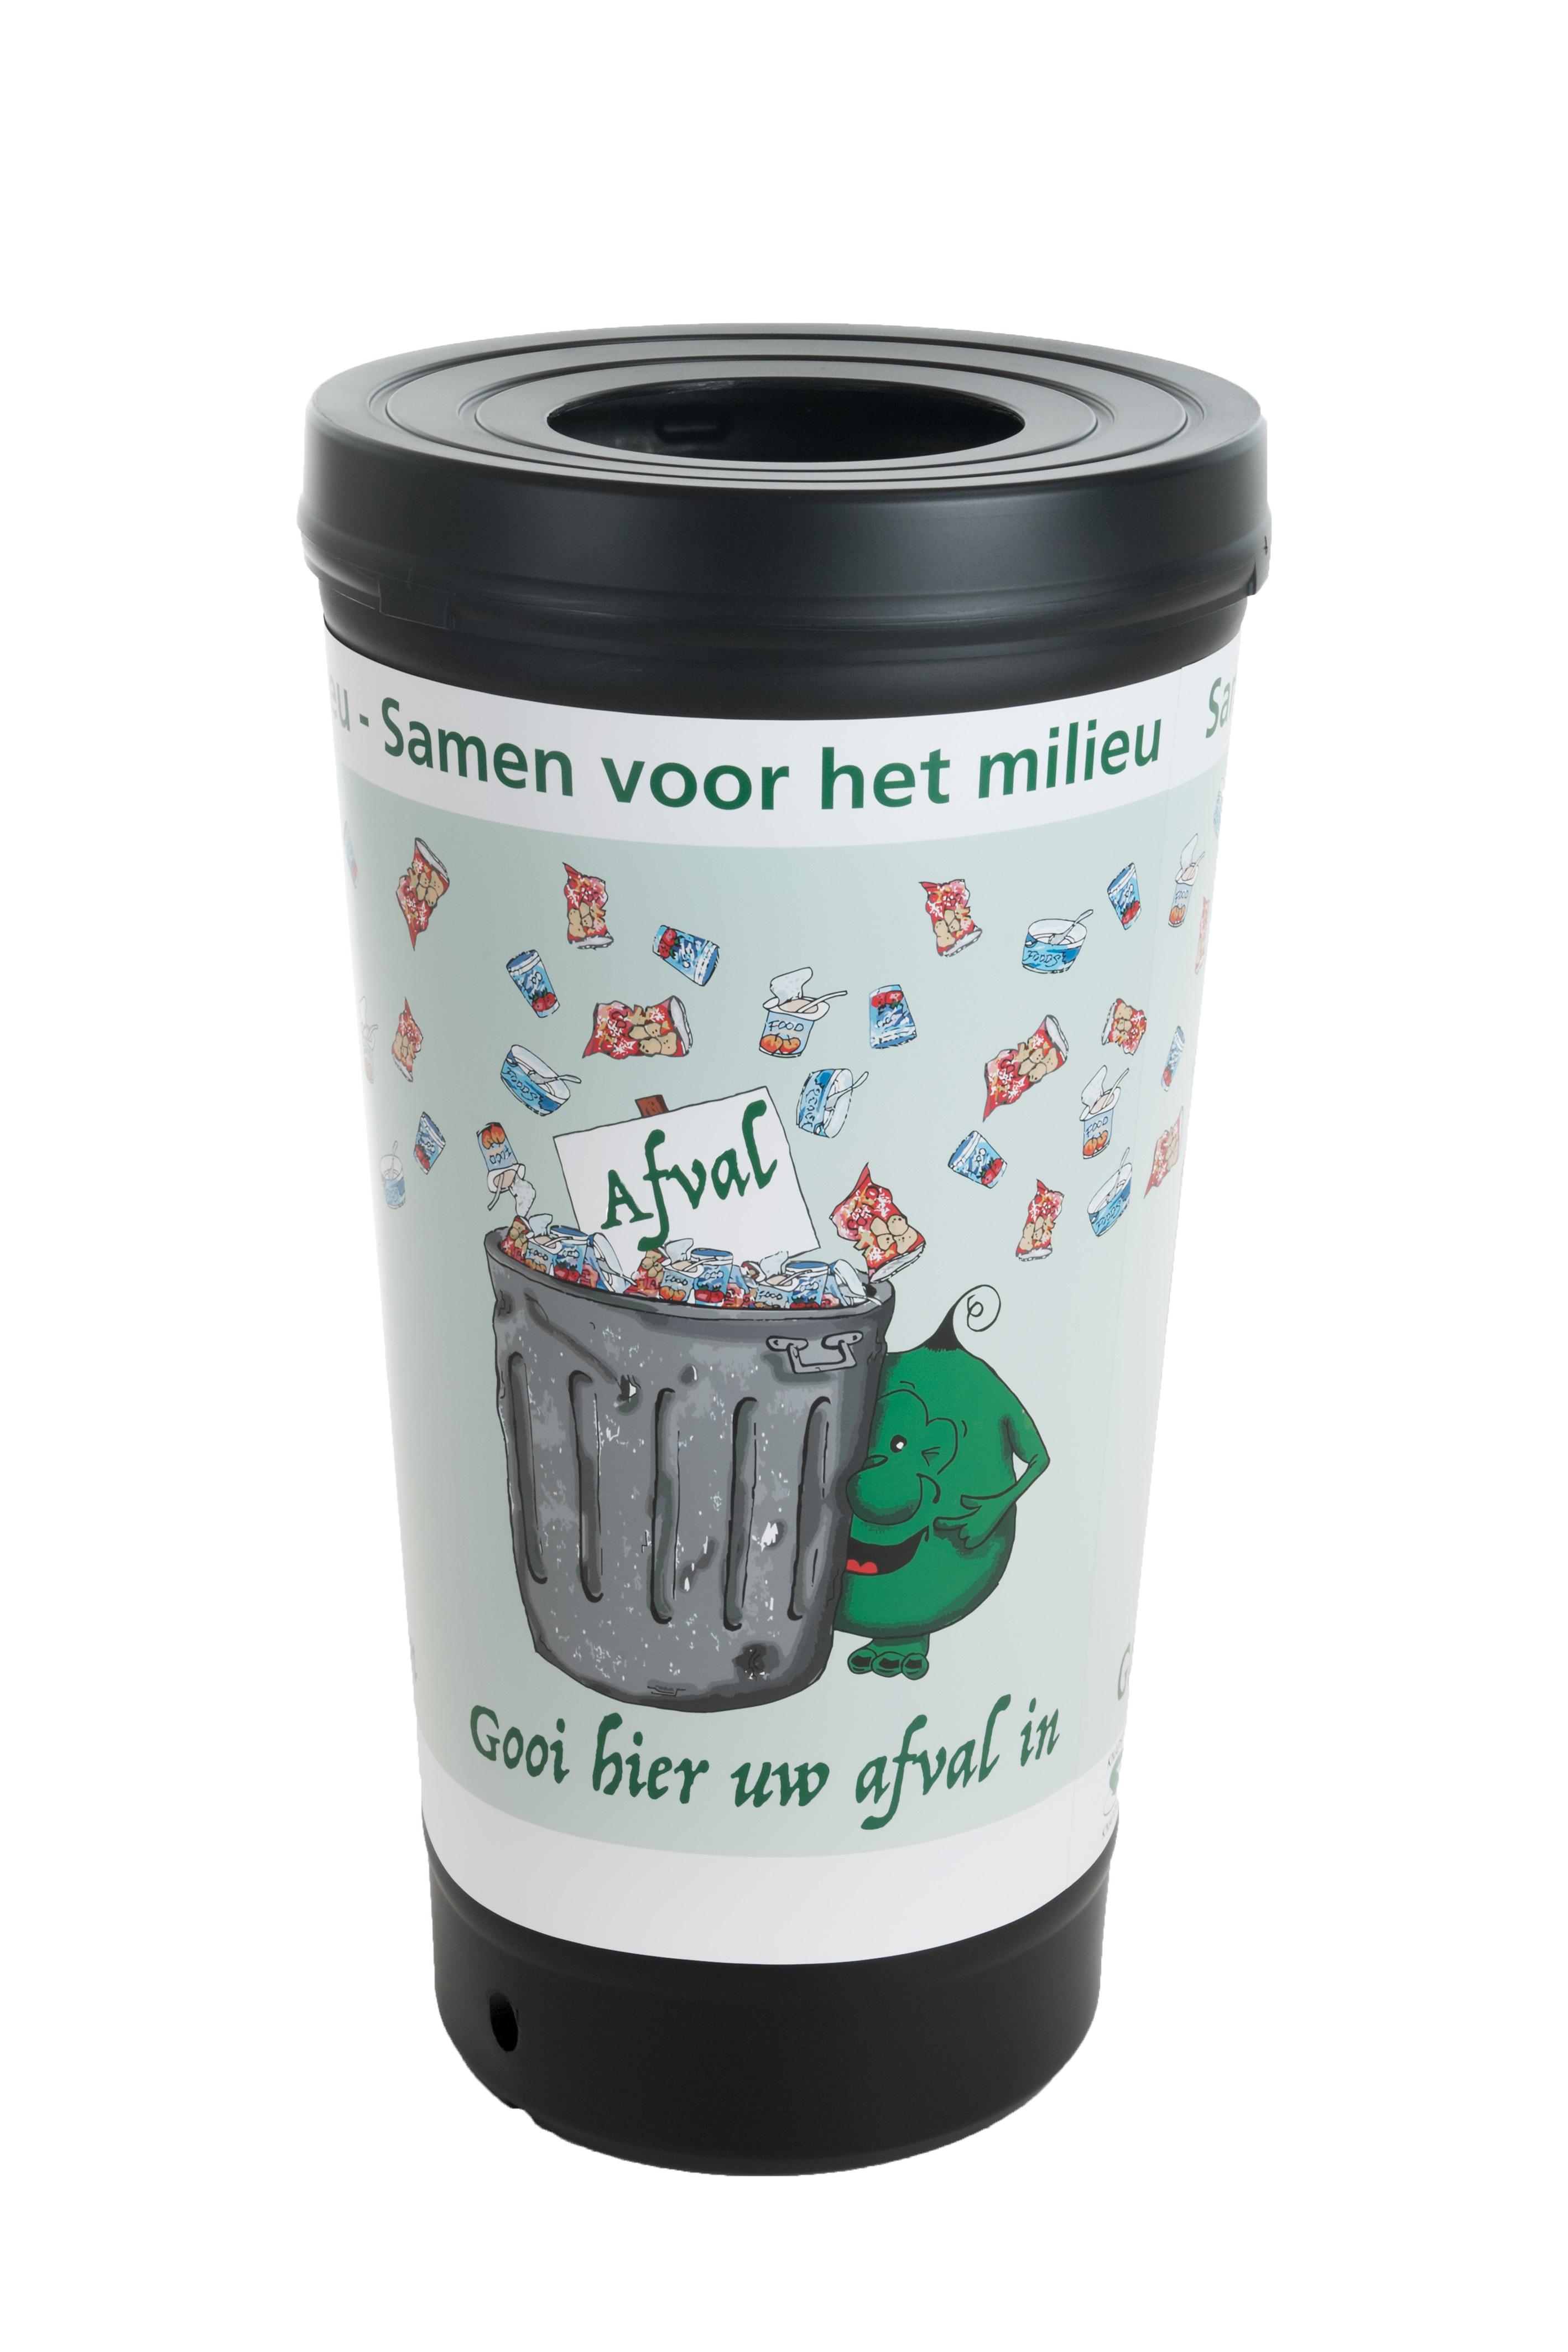 TRASHman grootvolume afvalbak, 210 liter (VB718443)